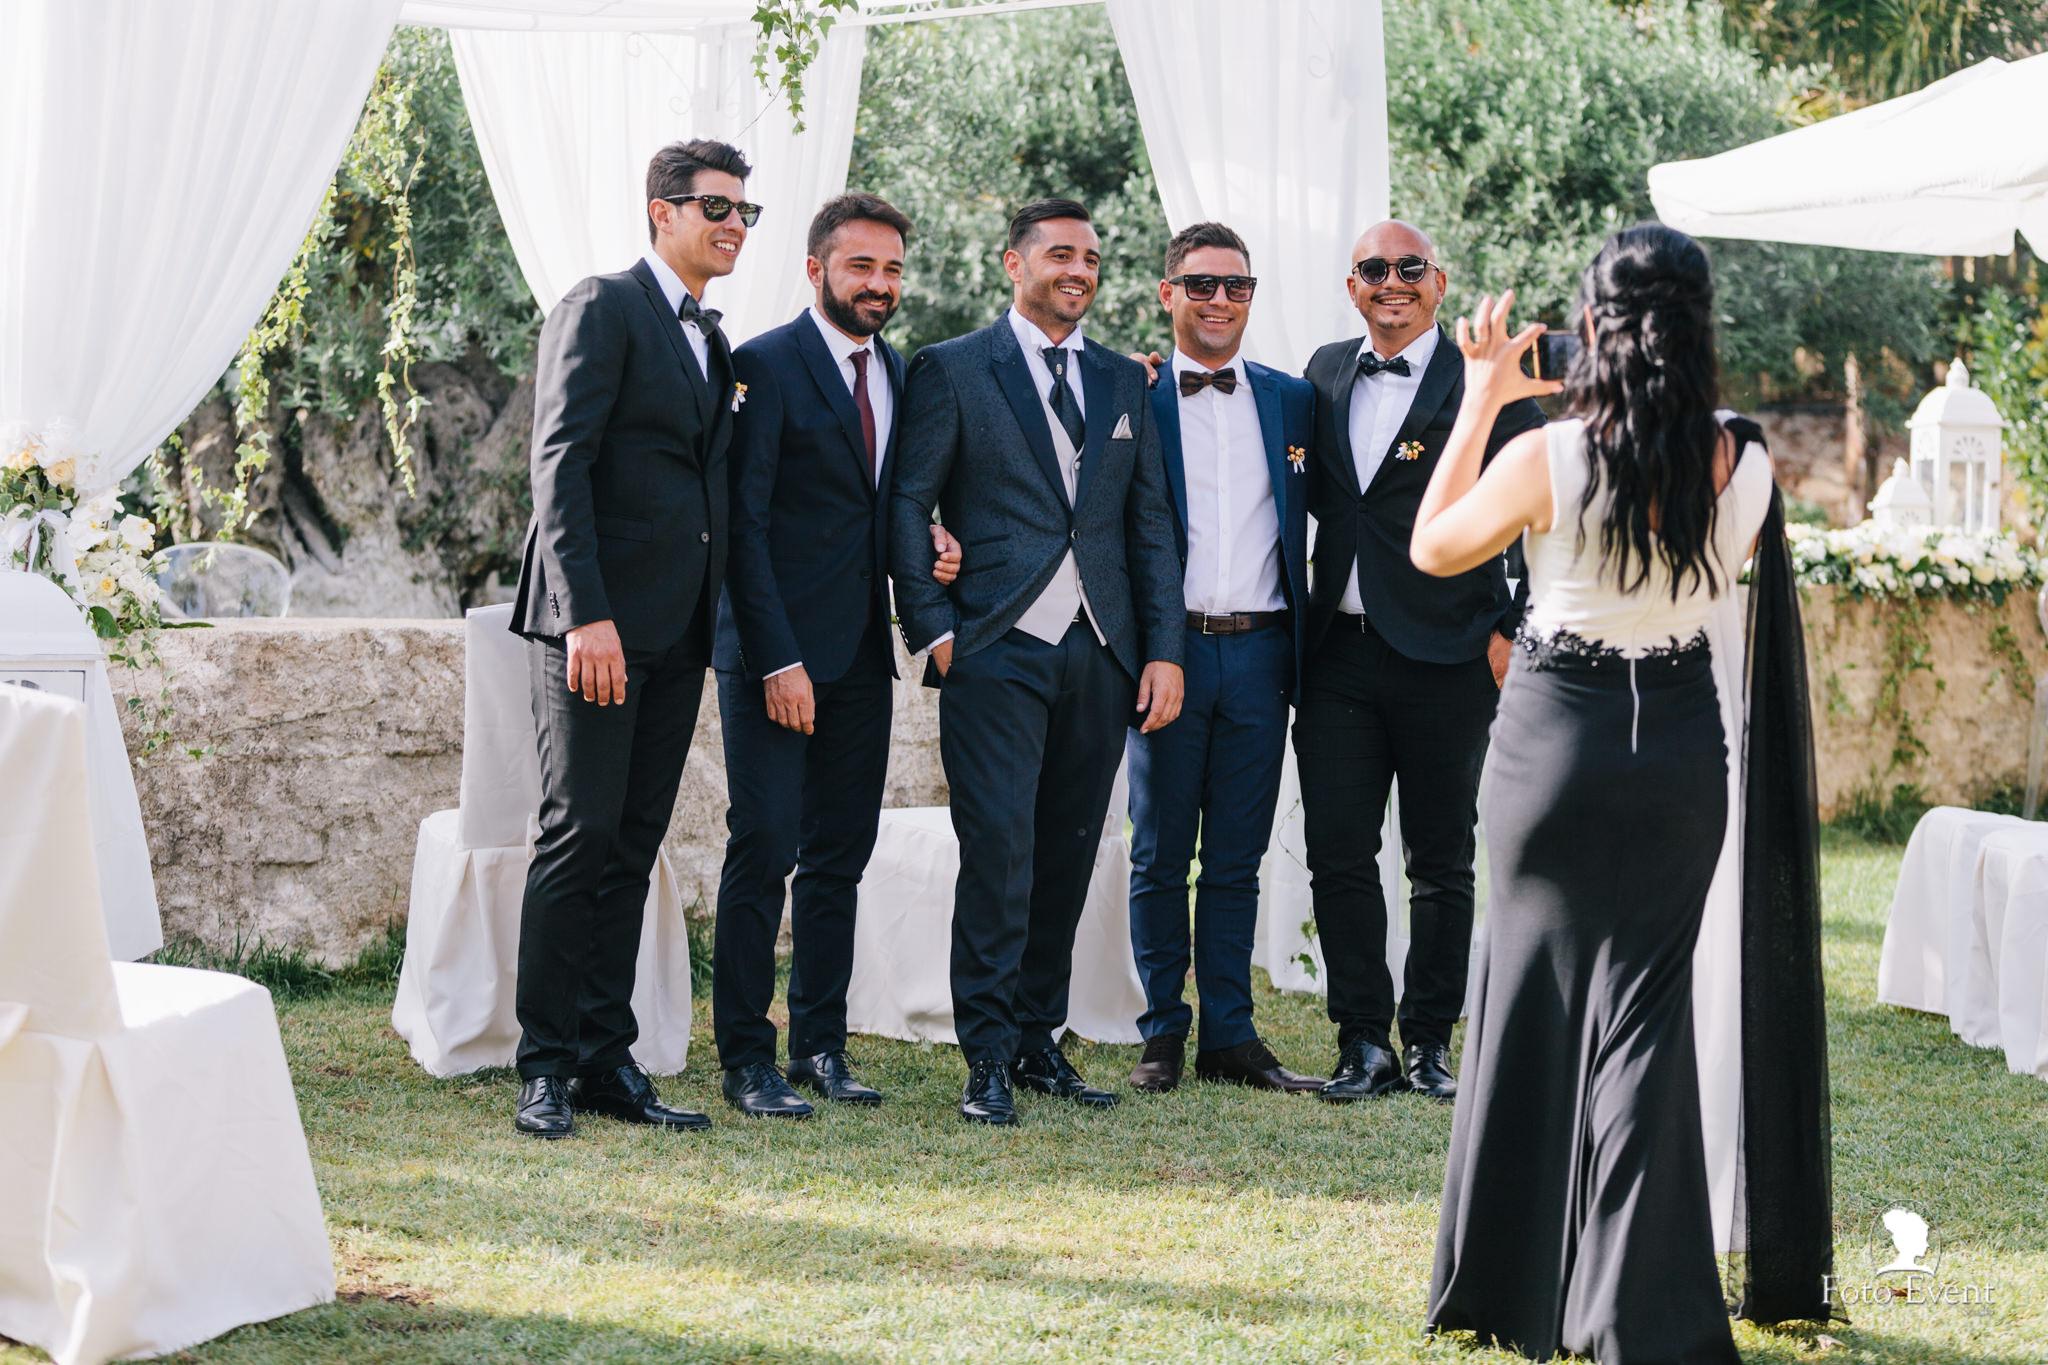 021-2019-06-12-Matrimonio-Rosa-e-Angelo-Ripellino-zoom-026